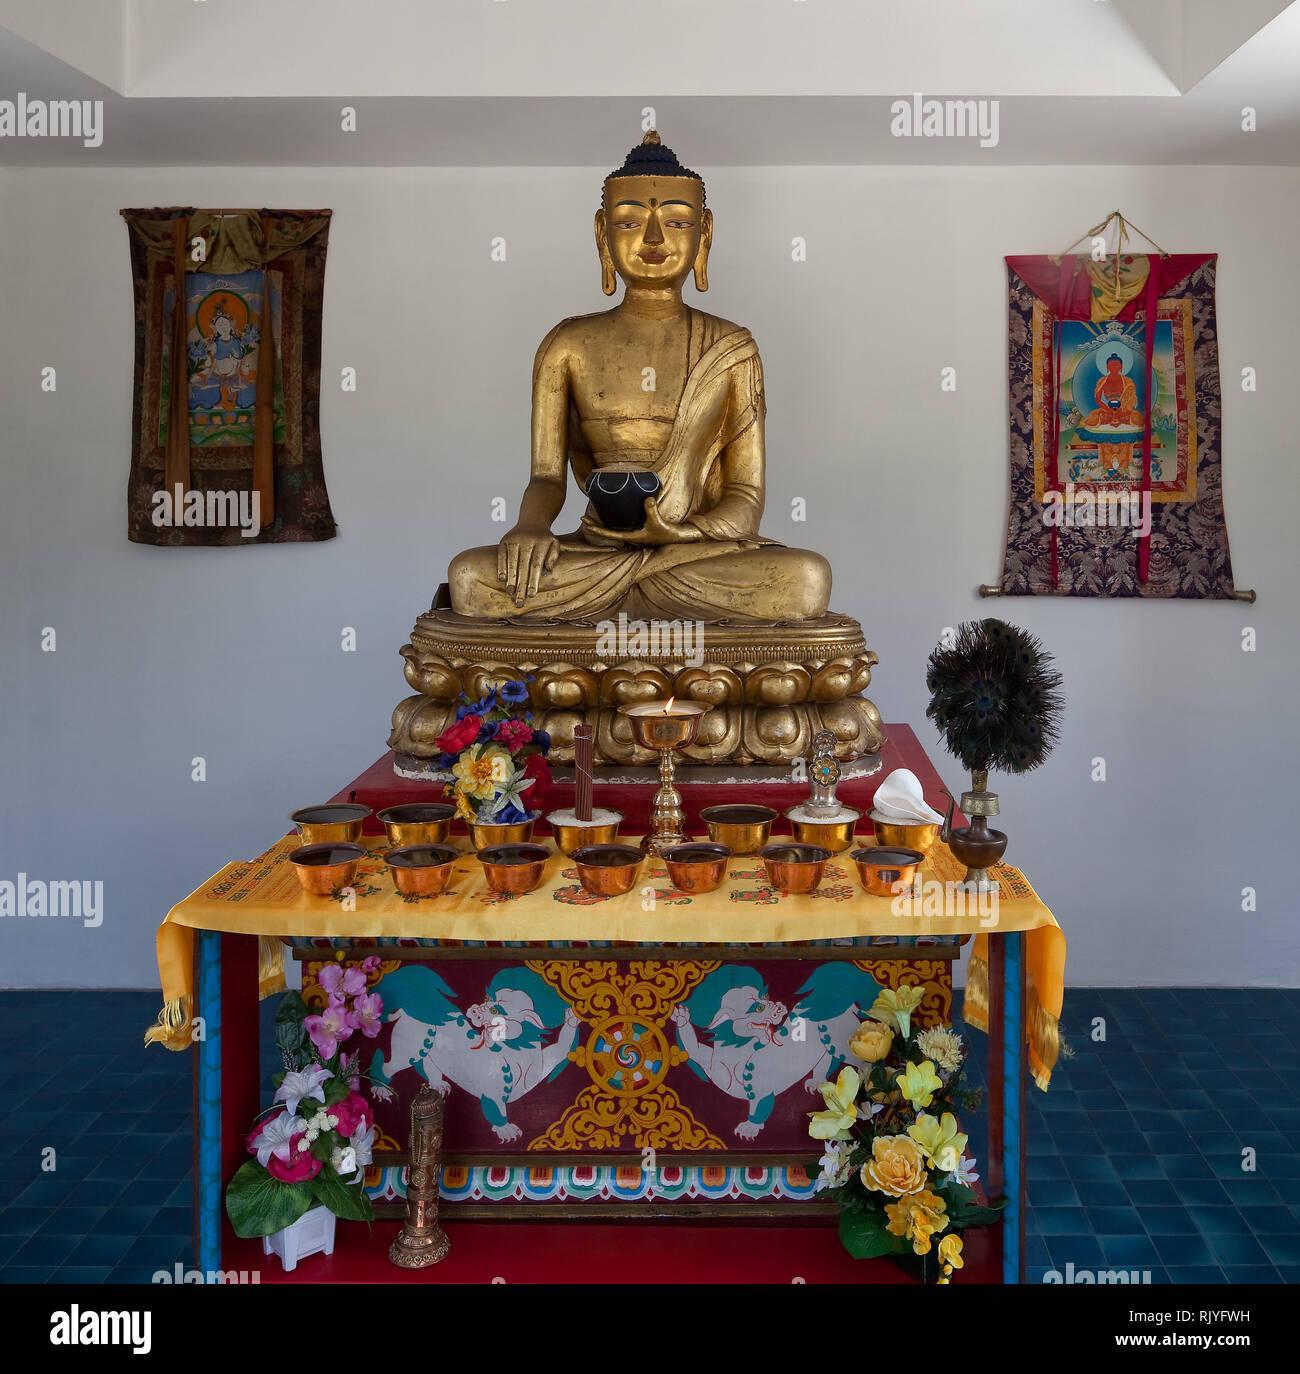 La Boulaye, TEMPEL DER 1000 BUDDHAS, gegründet 1987 von tibetischen Mönchen. Lamaistisches Zentrum verbunden mit einer Hochschule für Tibetologie, sit - Stock Image